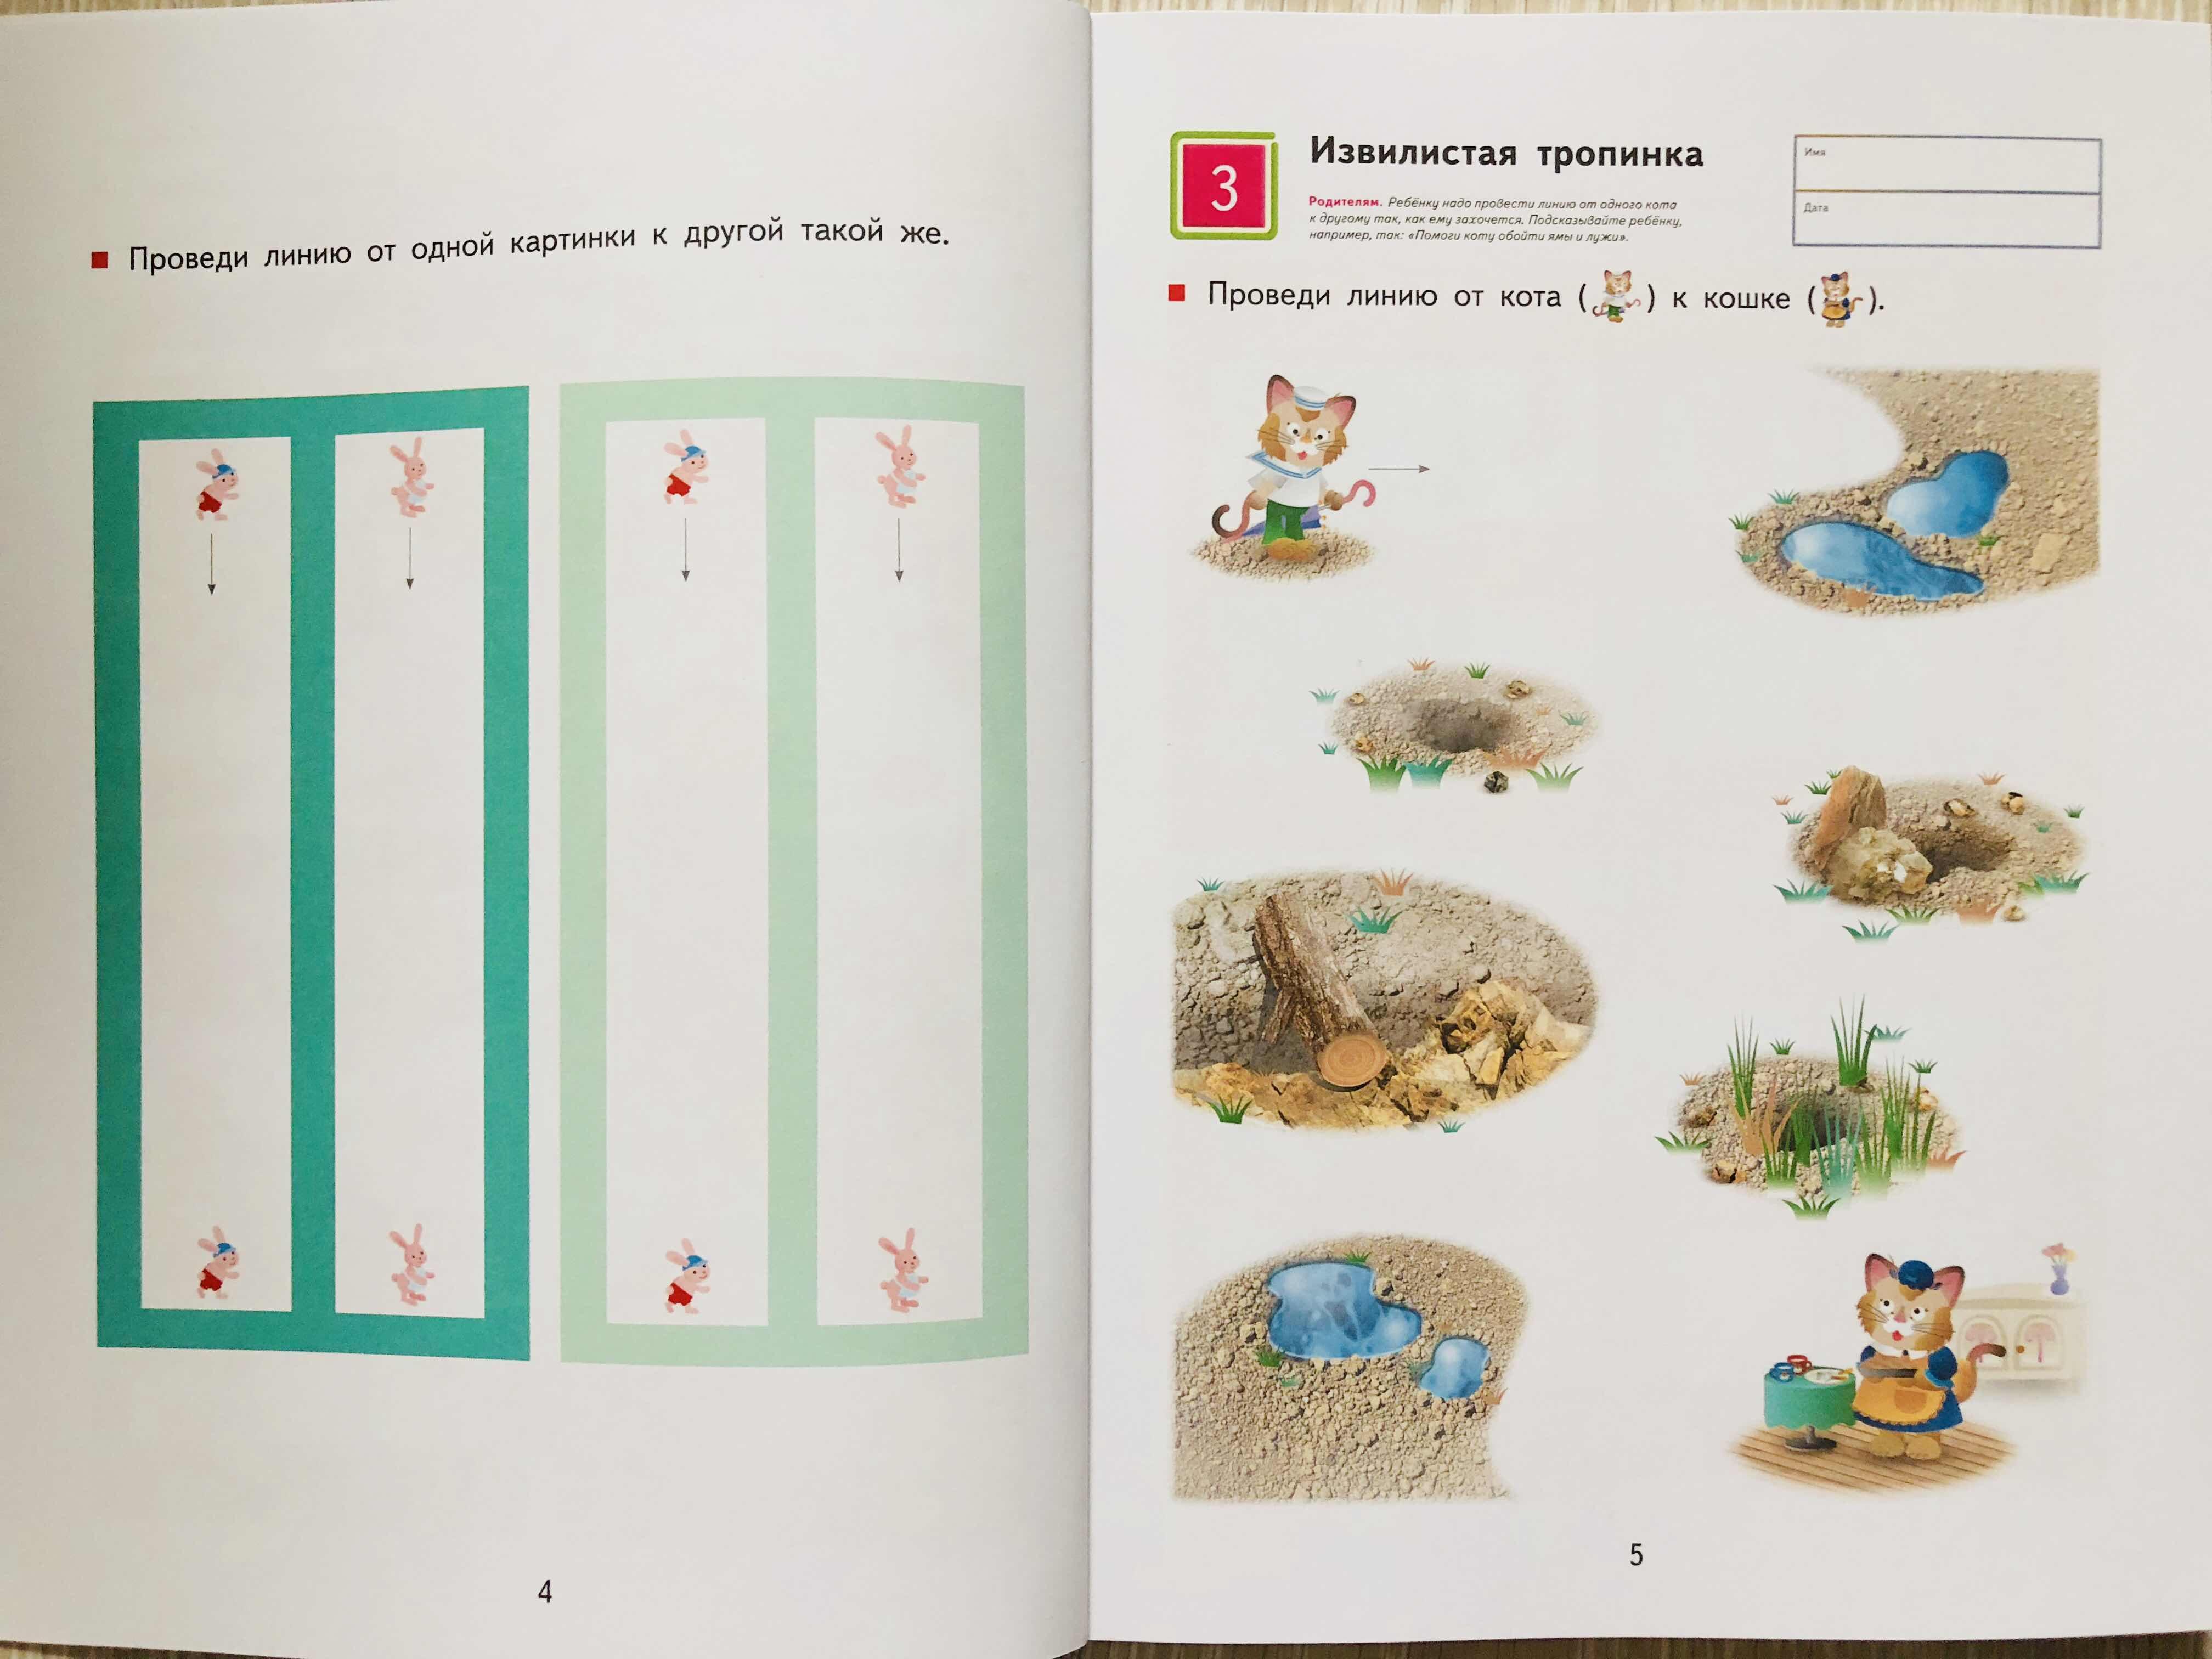 """Тренируем руку для письма. Тетради Kumon """"Простые линии"""" и """"Волшебные линии"""" 4"""